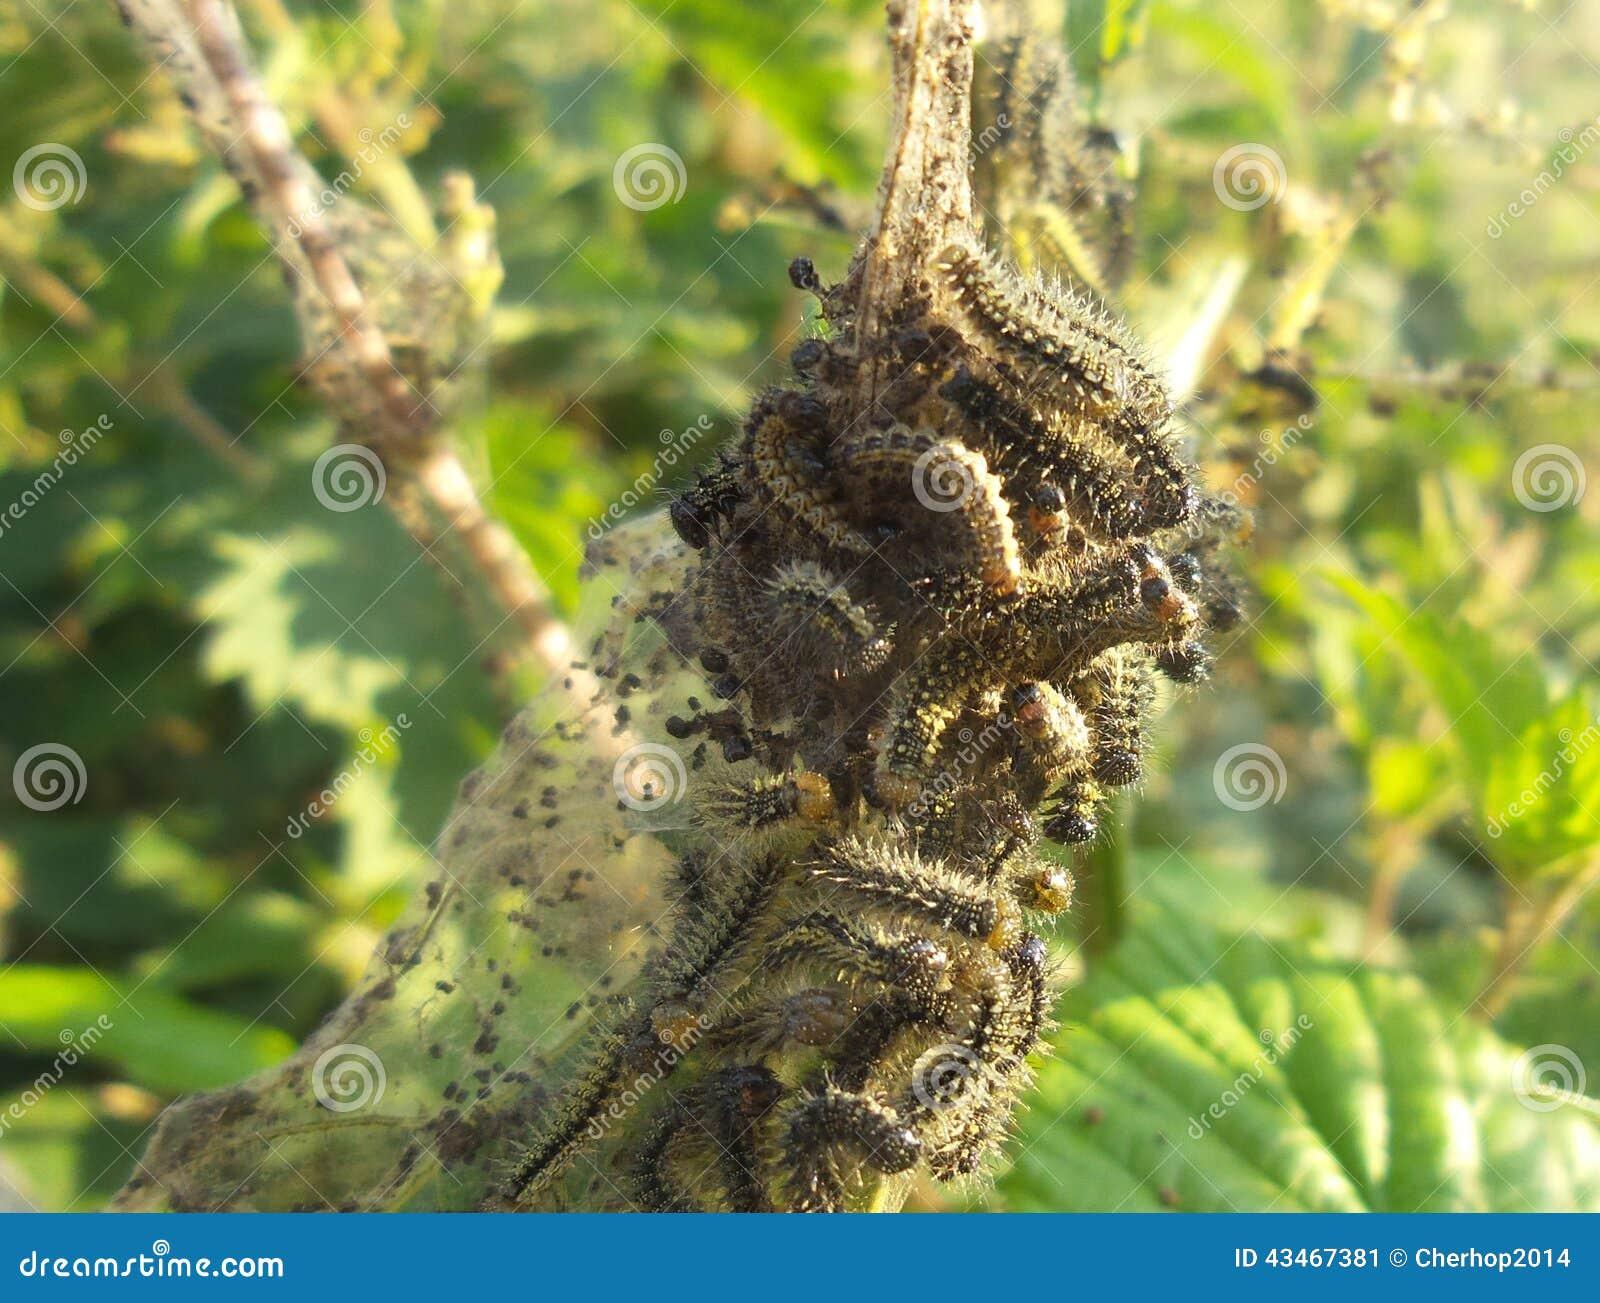 sonnenuntergang pfau und schildpatt caterpillar das stechende nessel isst stockbild bild von. Black Bedroom Furniture Sets. Home Design Ideas